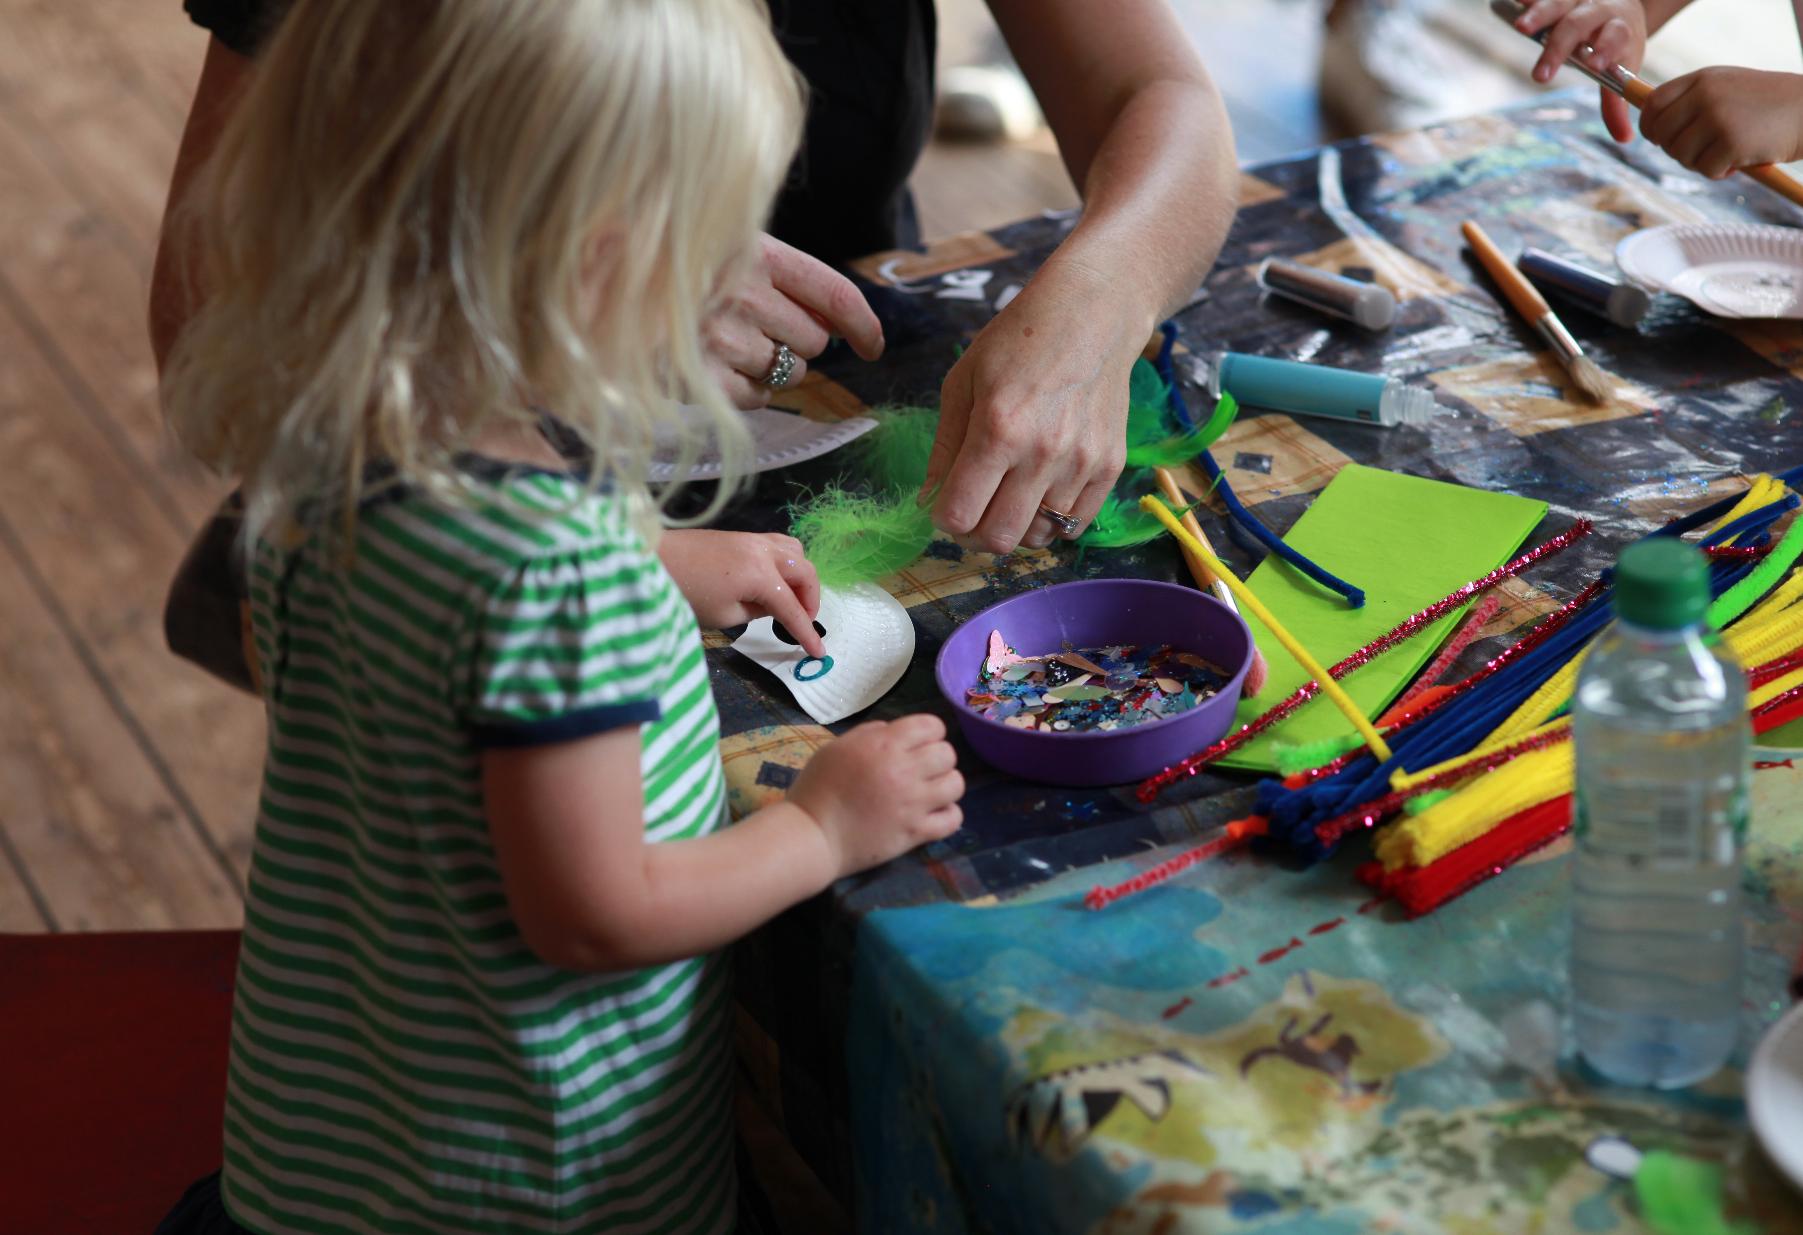 Parrot-mask making workshop in Teddington